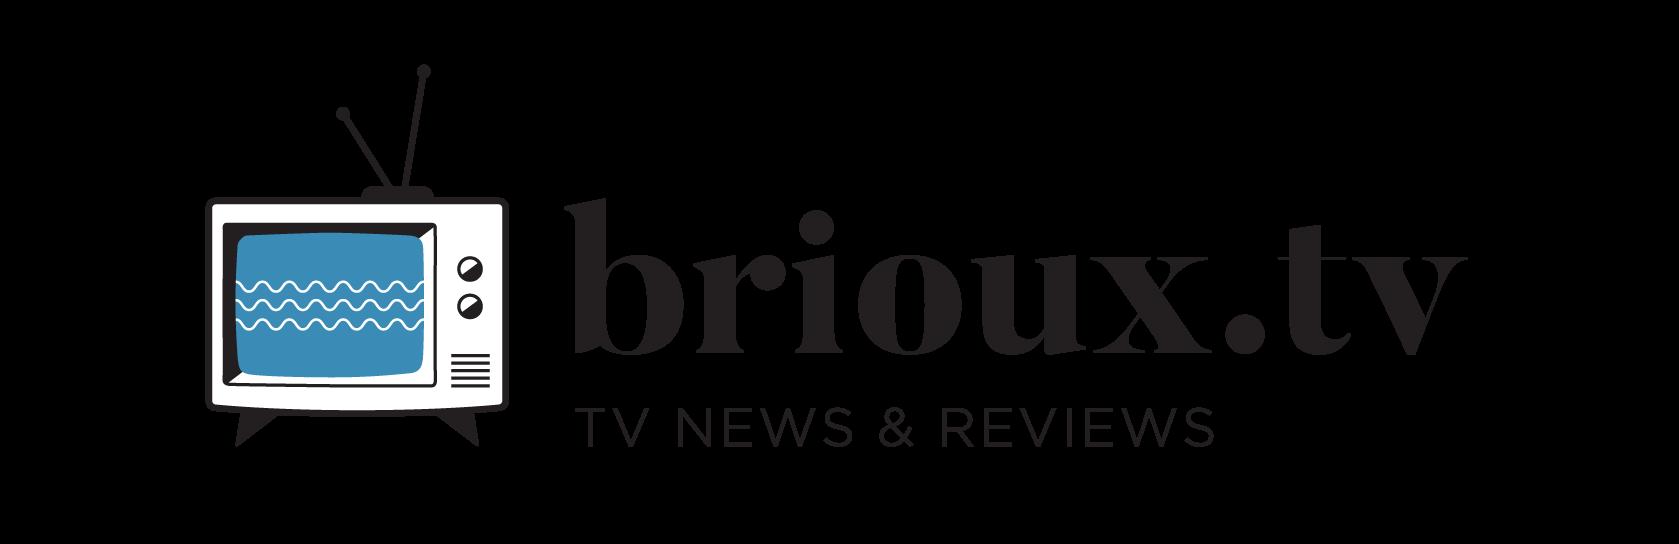 brioux.tv